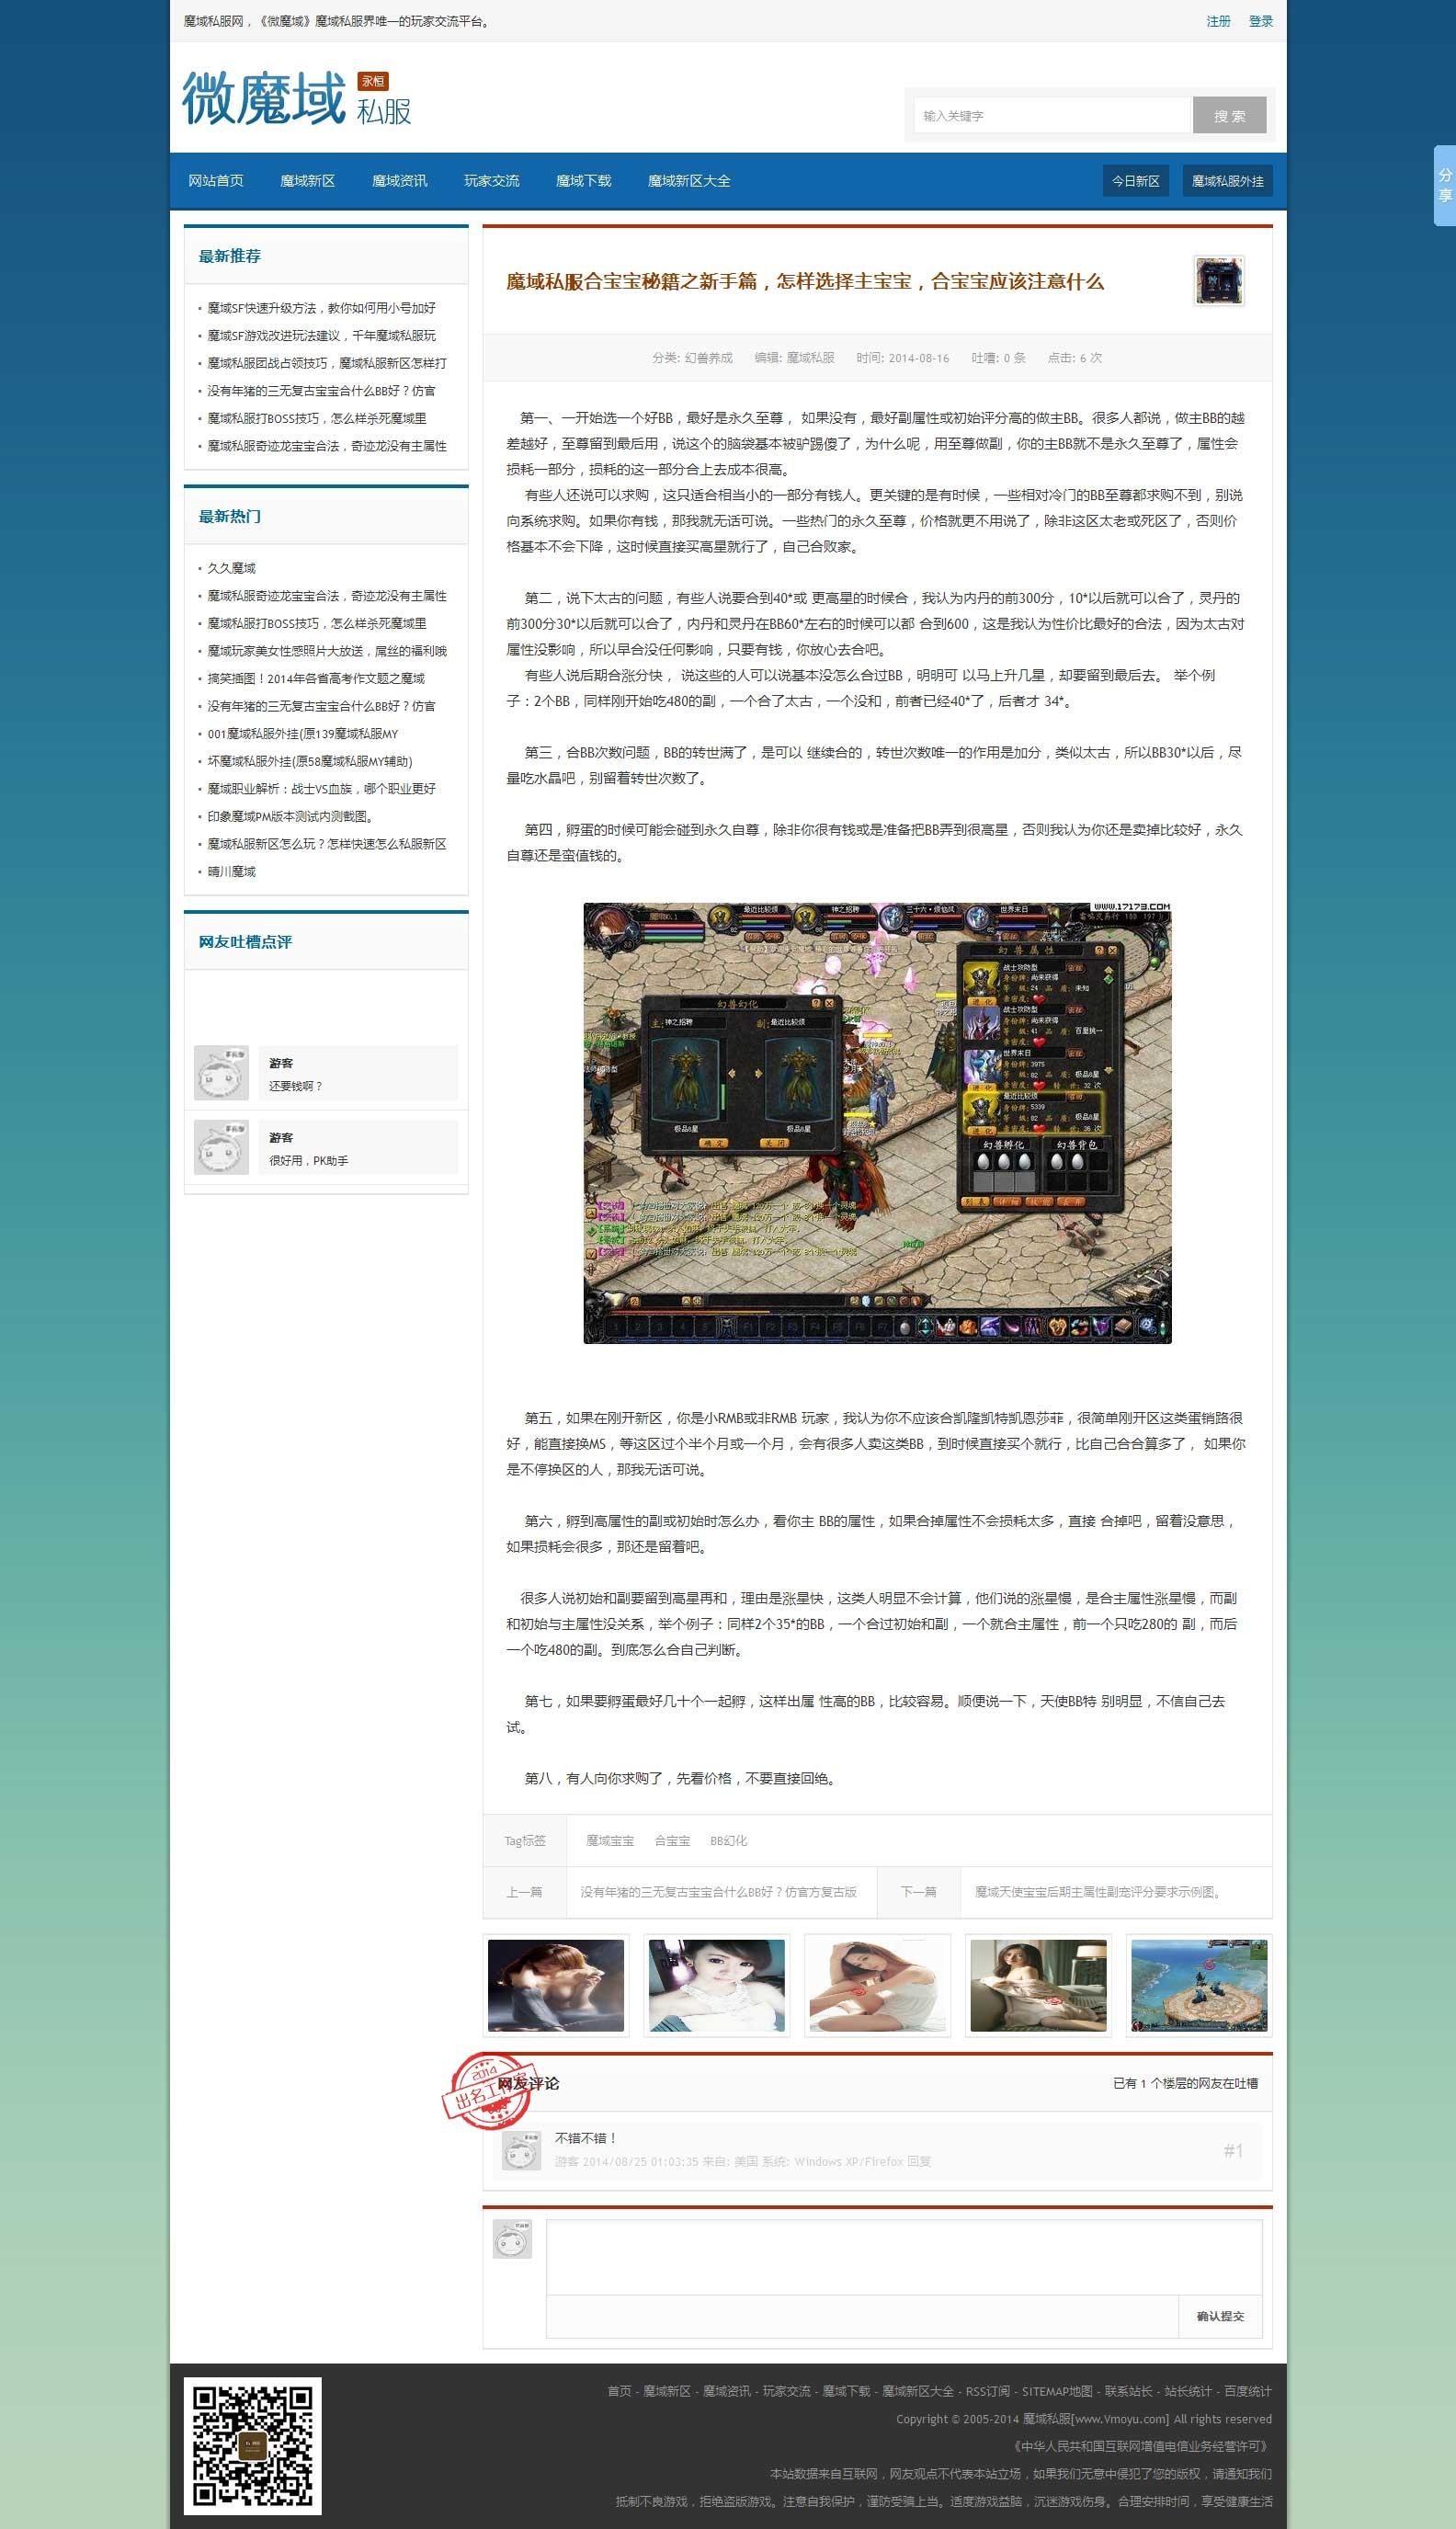 2014年8月最新魔域SEO优化百度排名文章网站模板程序 PHP+MYSQL数据库CMS网站源码 针对百度优化定制文章程序 带后台微魔域定制网站程序